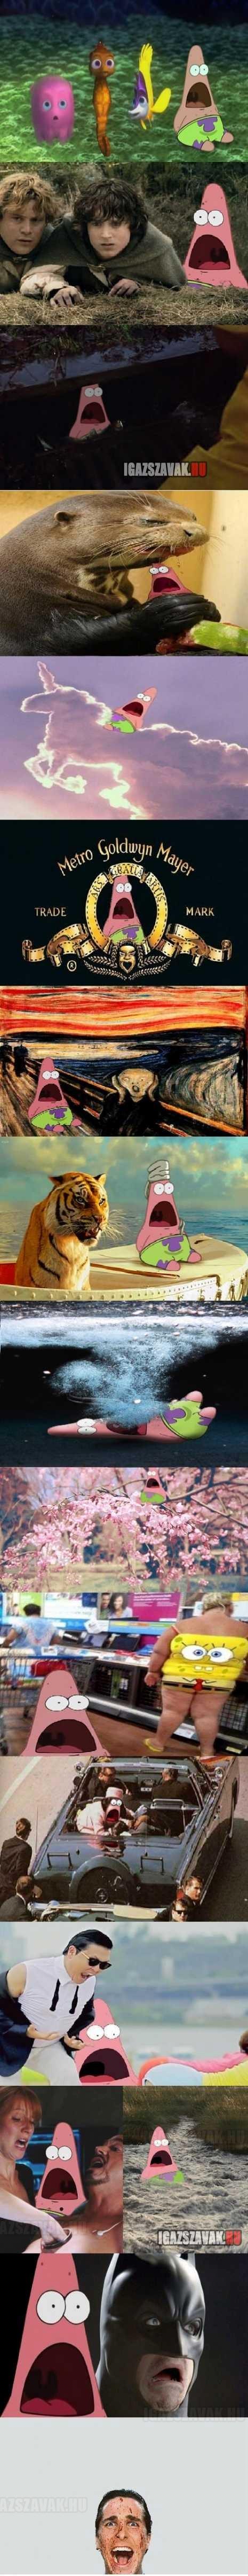 Patrick a legjobb